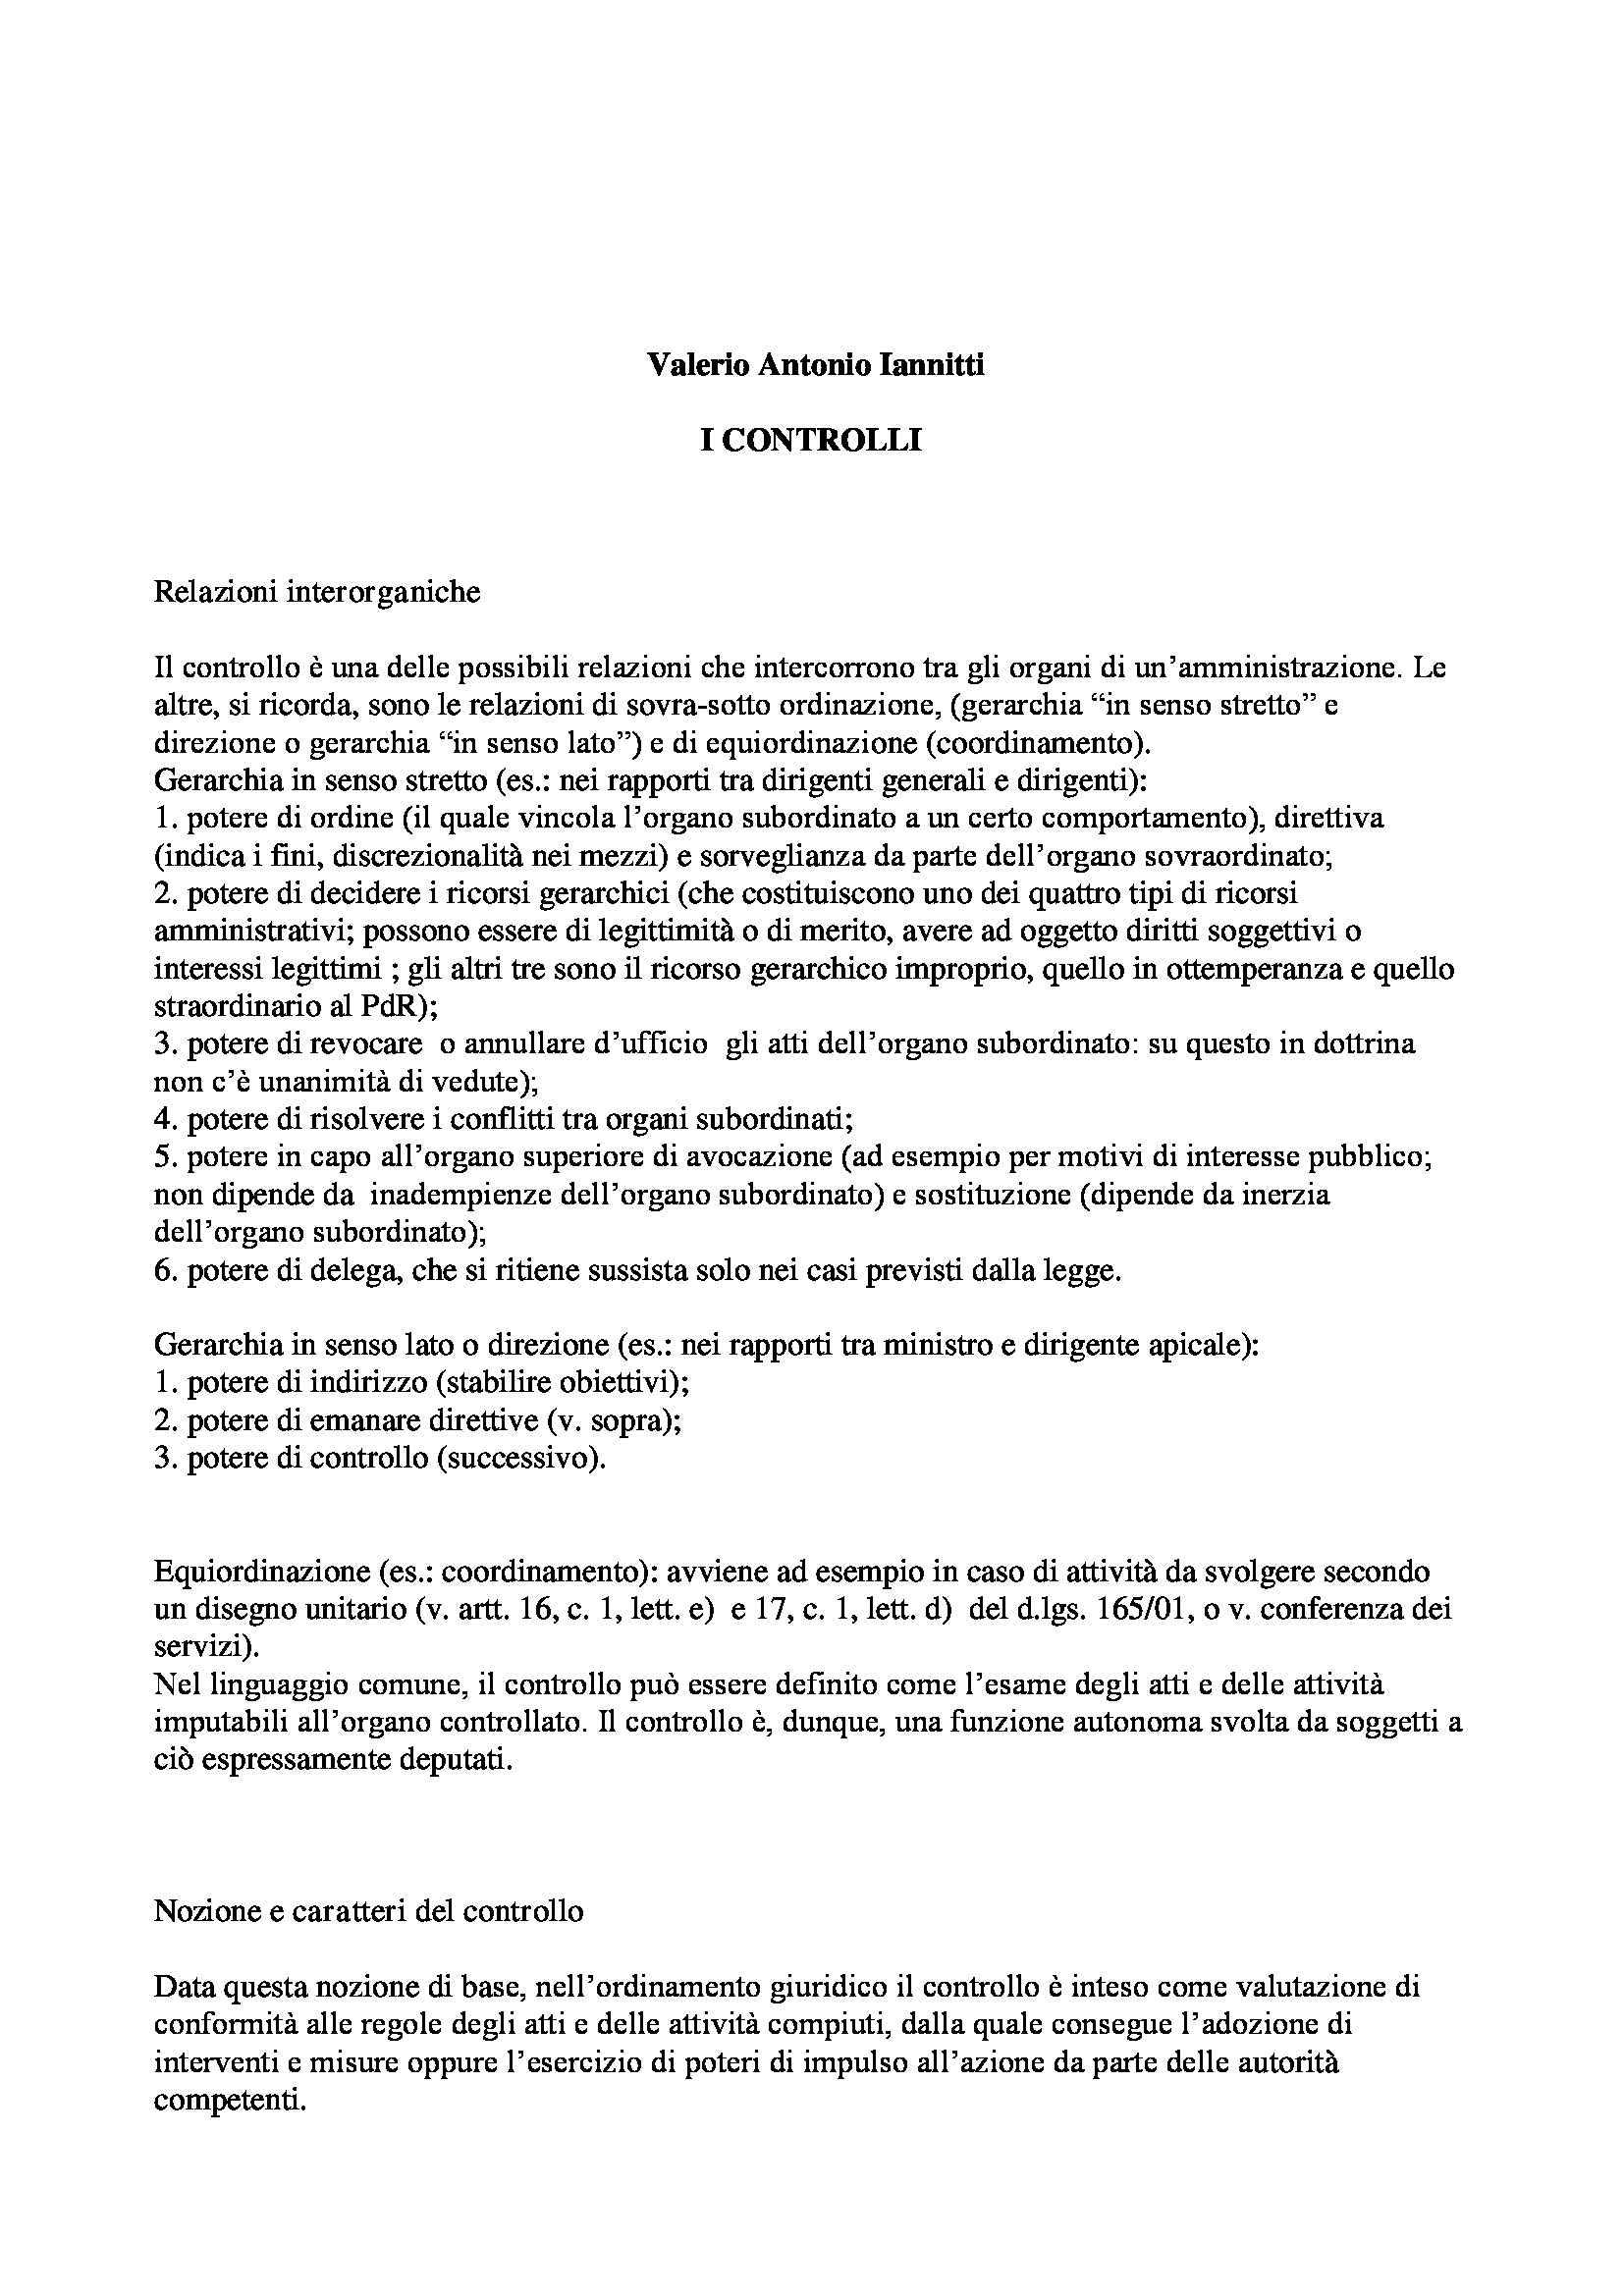 Pubblica amministrazione - Rapporti interorganici e controllo